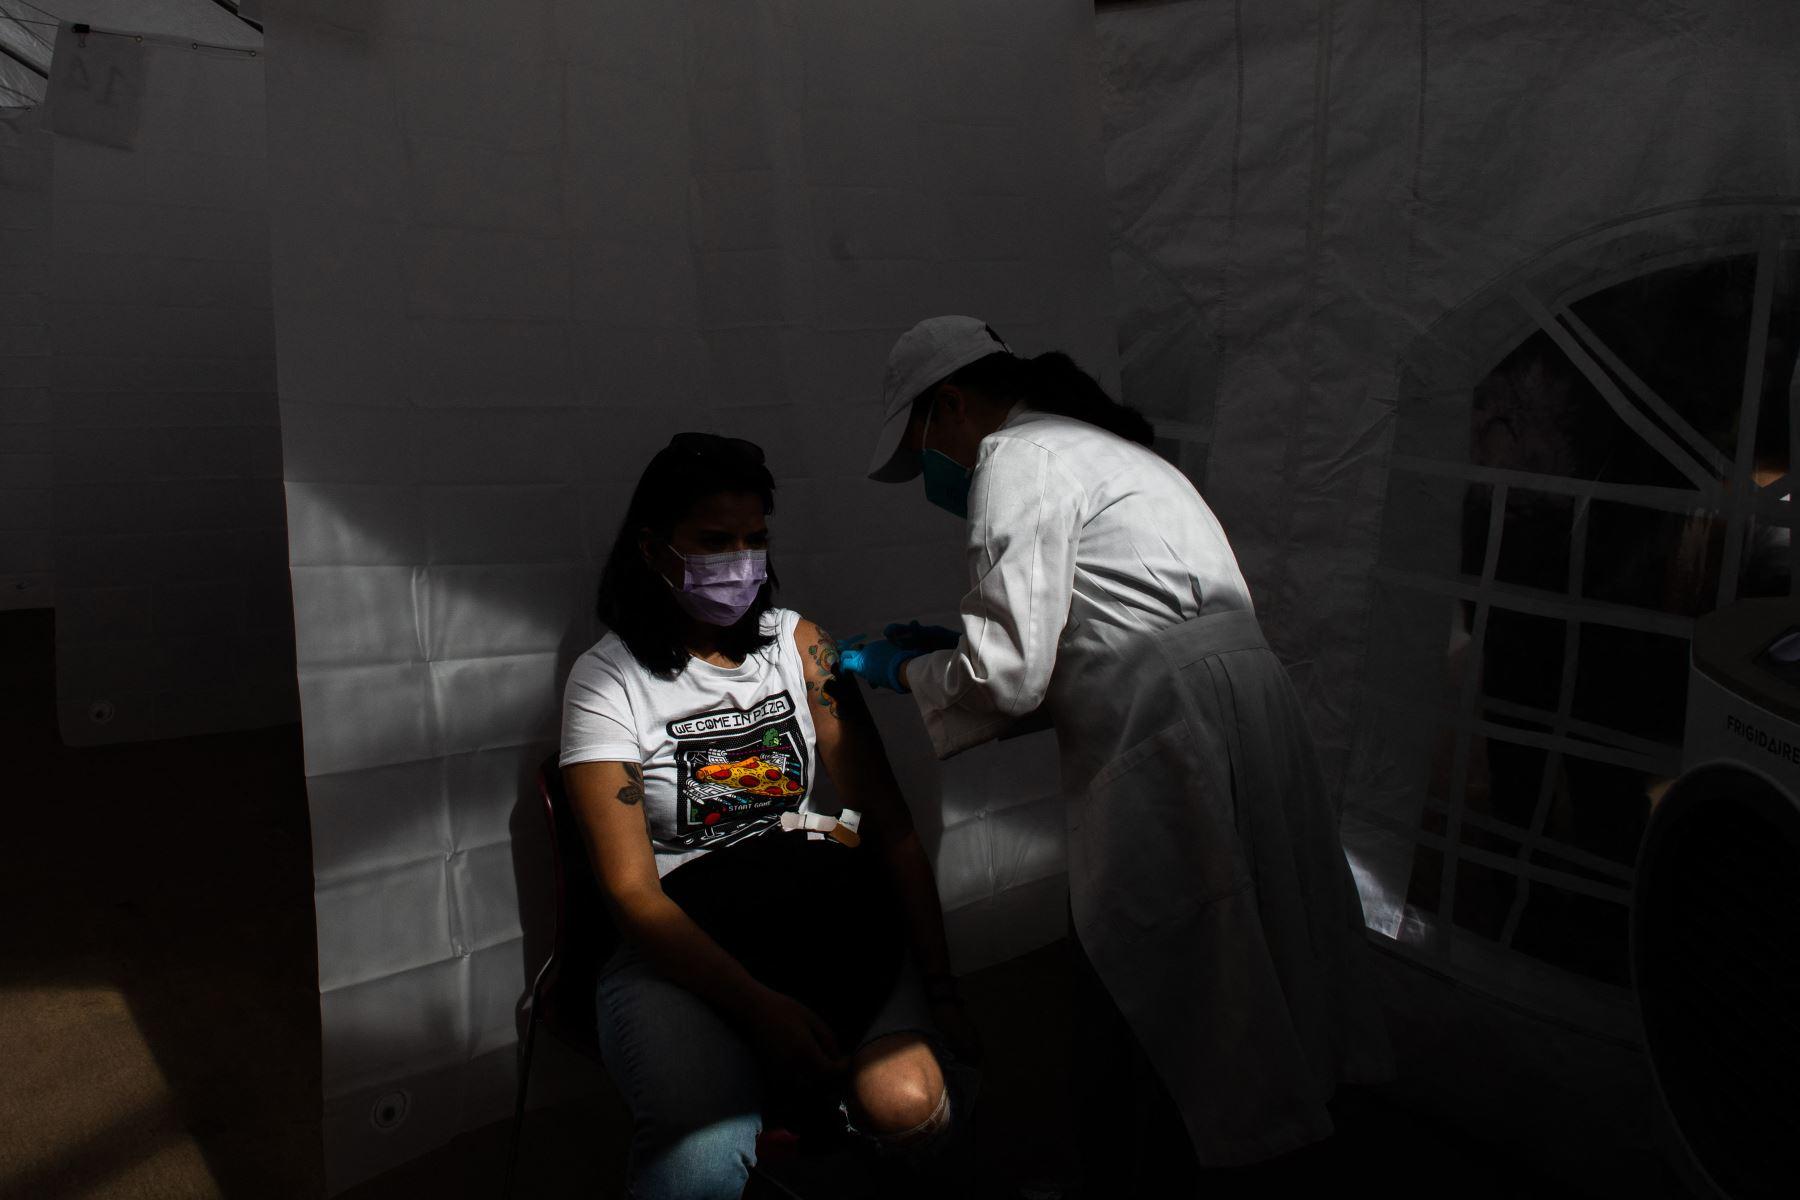 Una enfermera administra la vacuna Moderna Covid-19 en Kedren Community Health Center, en el centro sur de Los Ángeles, California. Foto: AFP